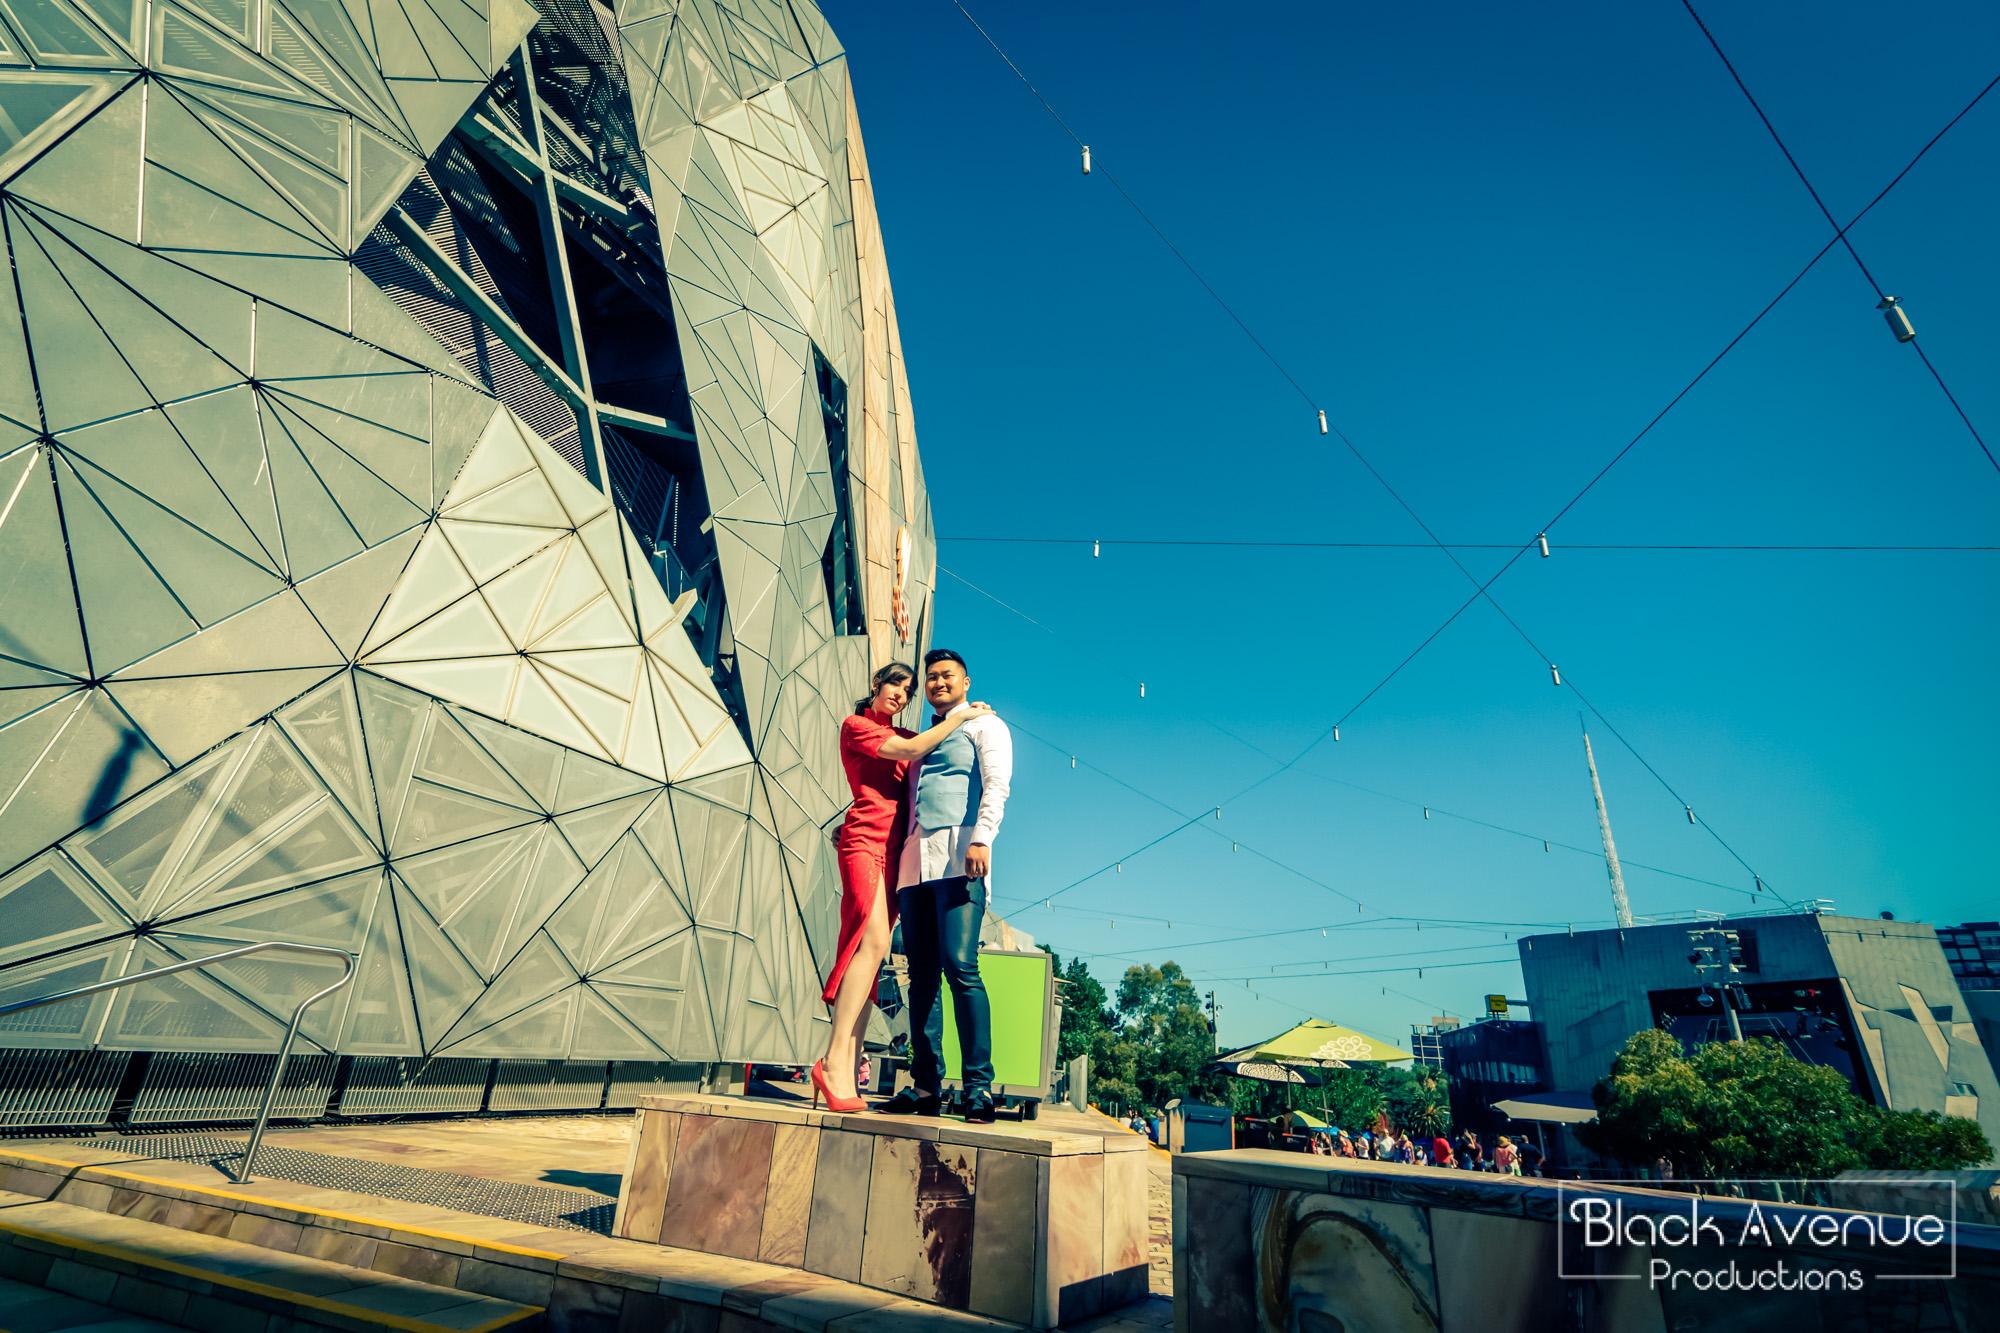 墨爾本婚拍 聯邦廣場 Federation Square